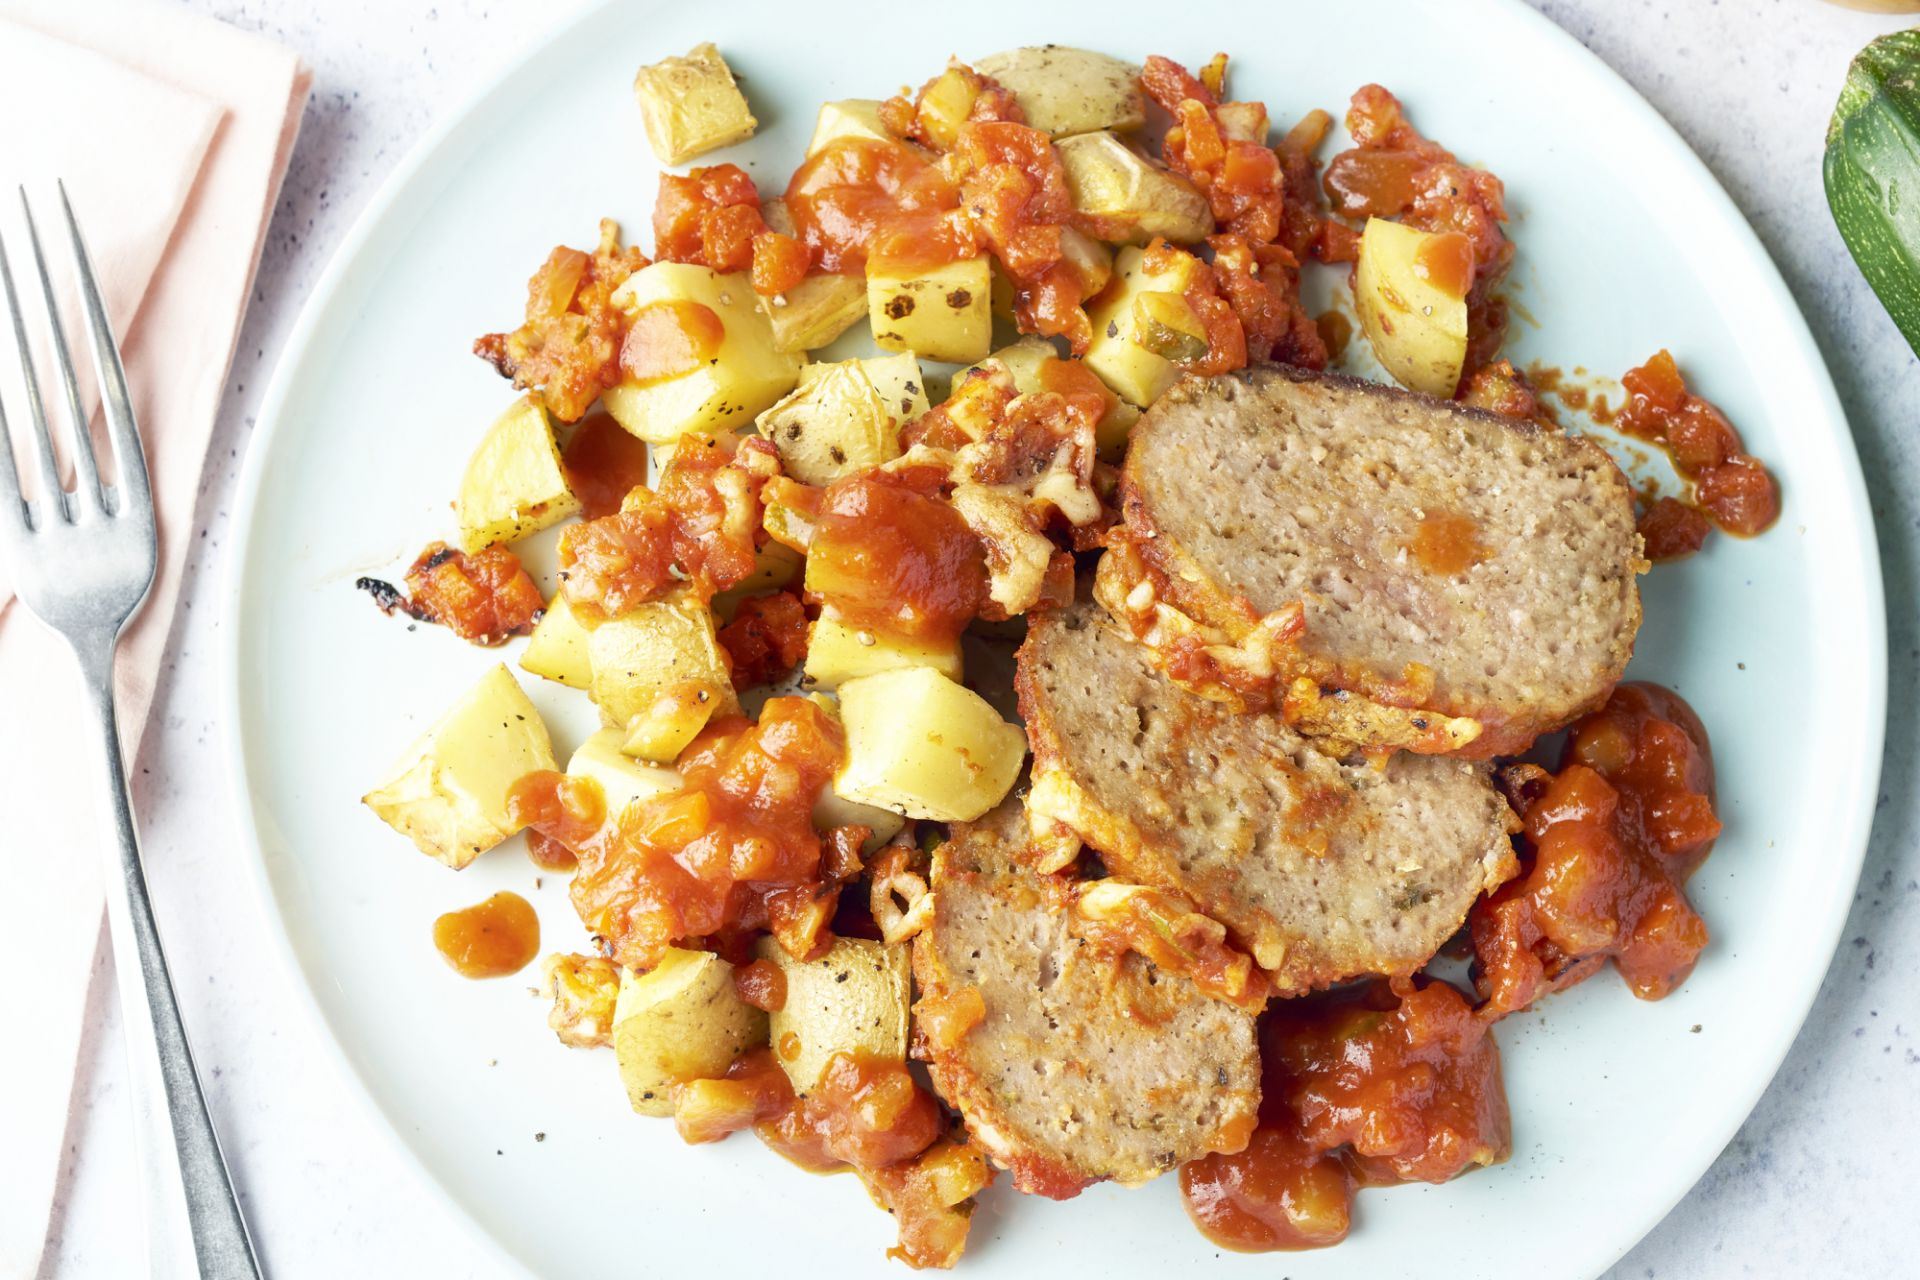 Gehaktbrood in tomaten-groentensaus met geroosterde aardappelen